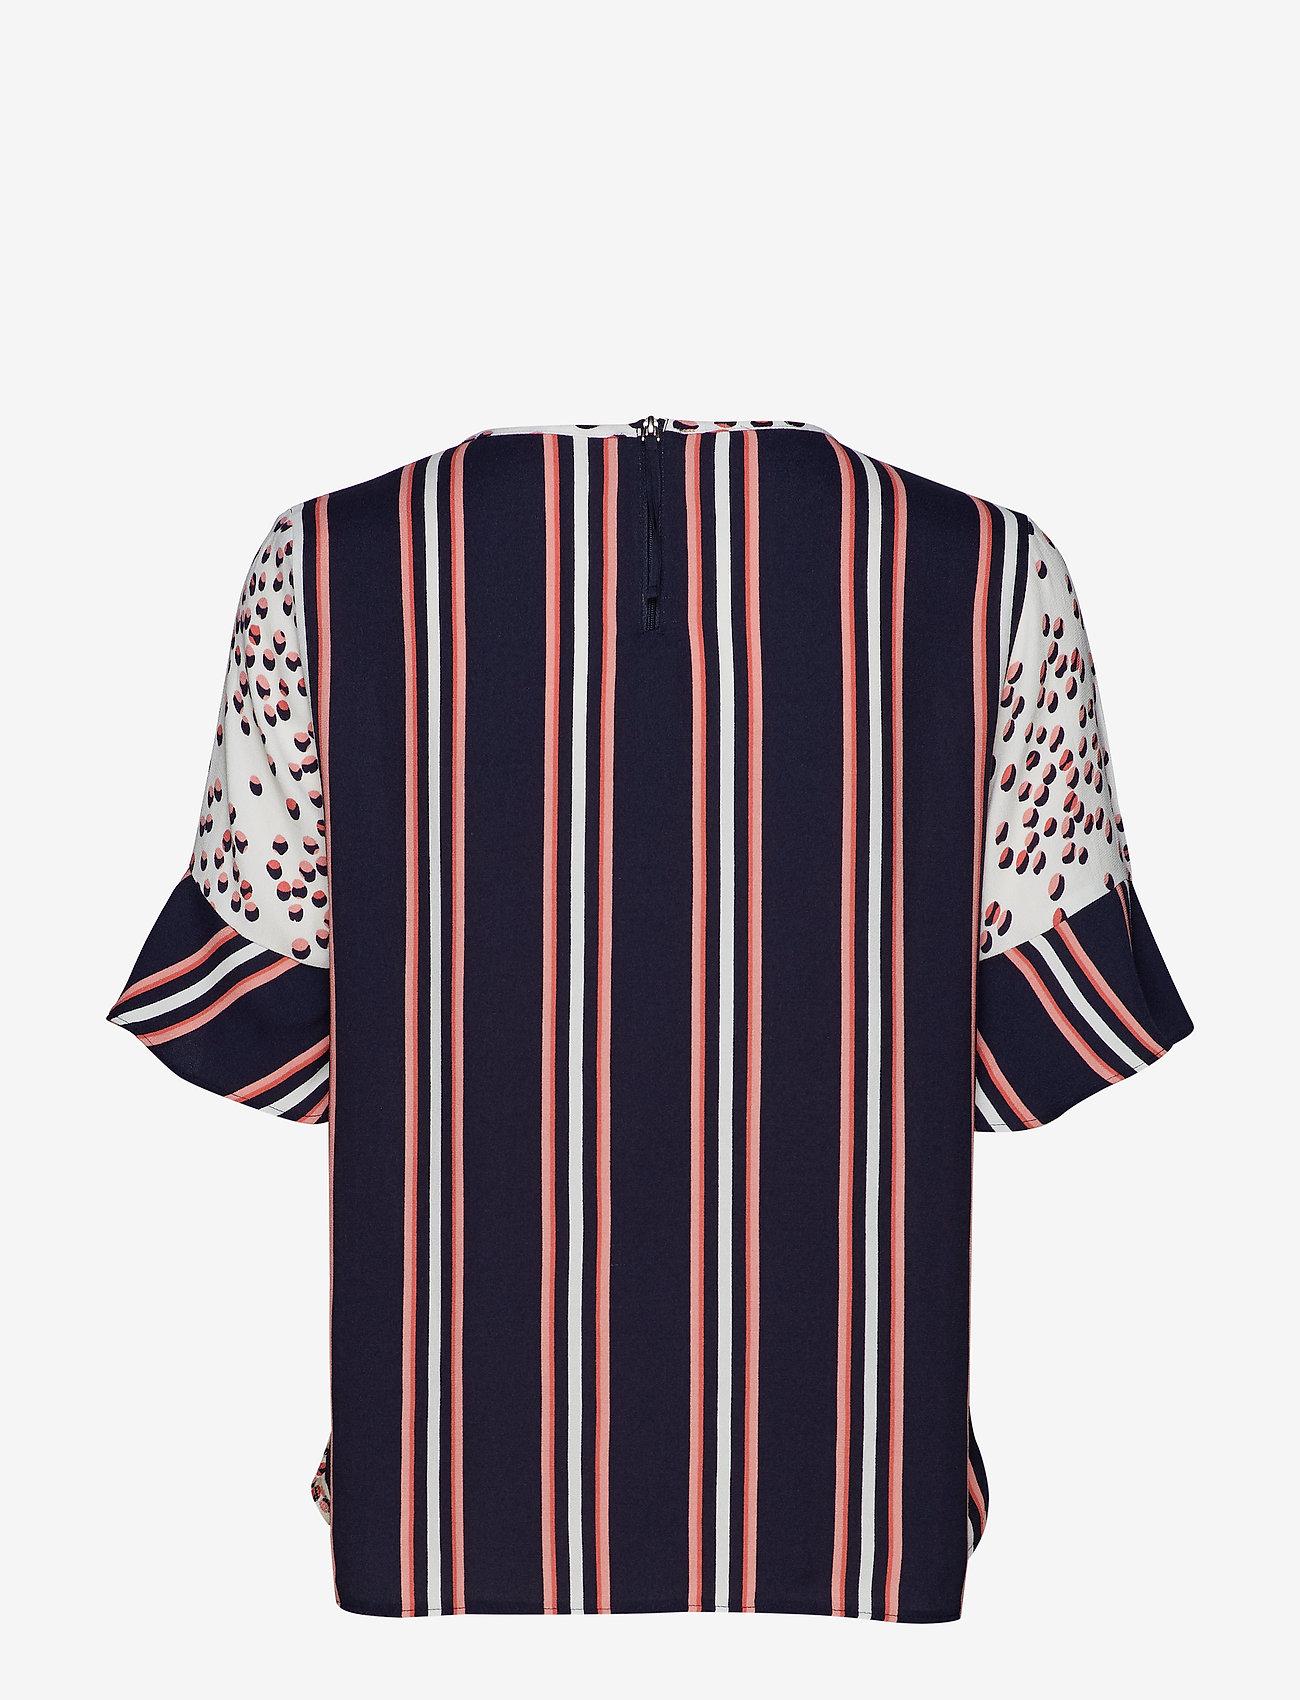 Gerry Weber - BLOUSE SHORT-SLEEVE - t-shirts - ecru/ blush/ blue print